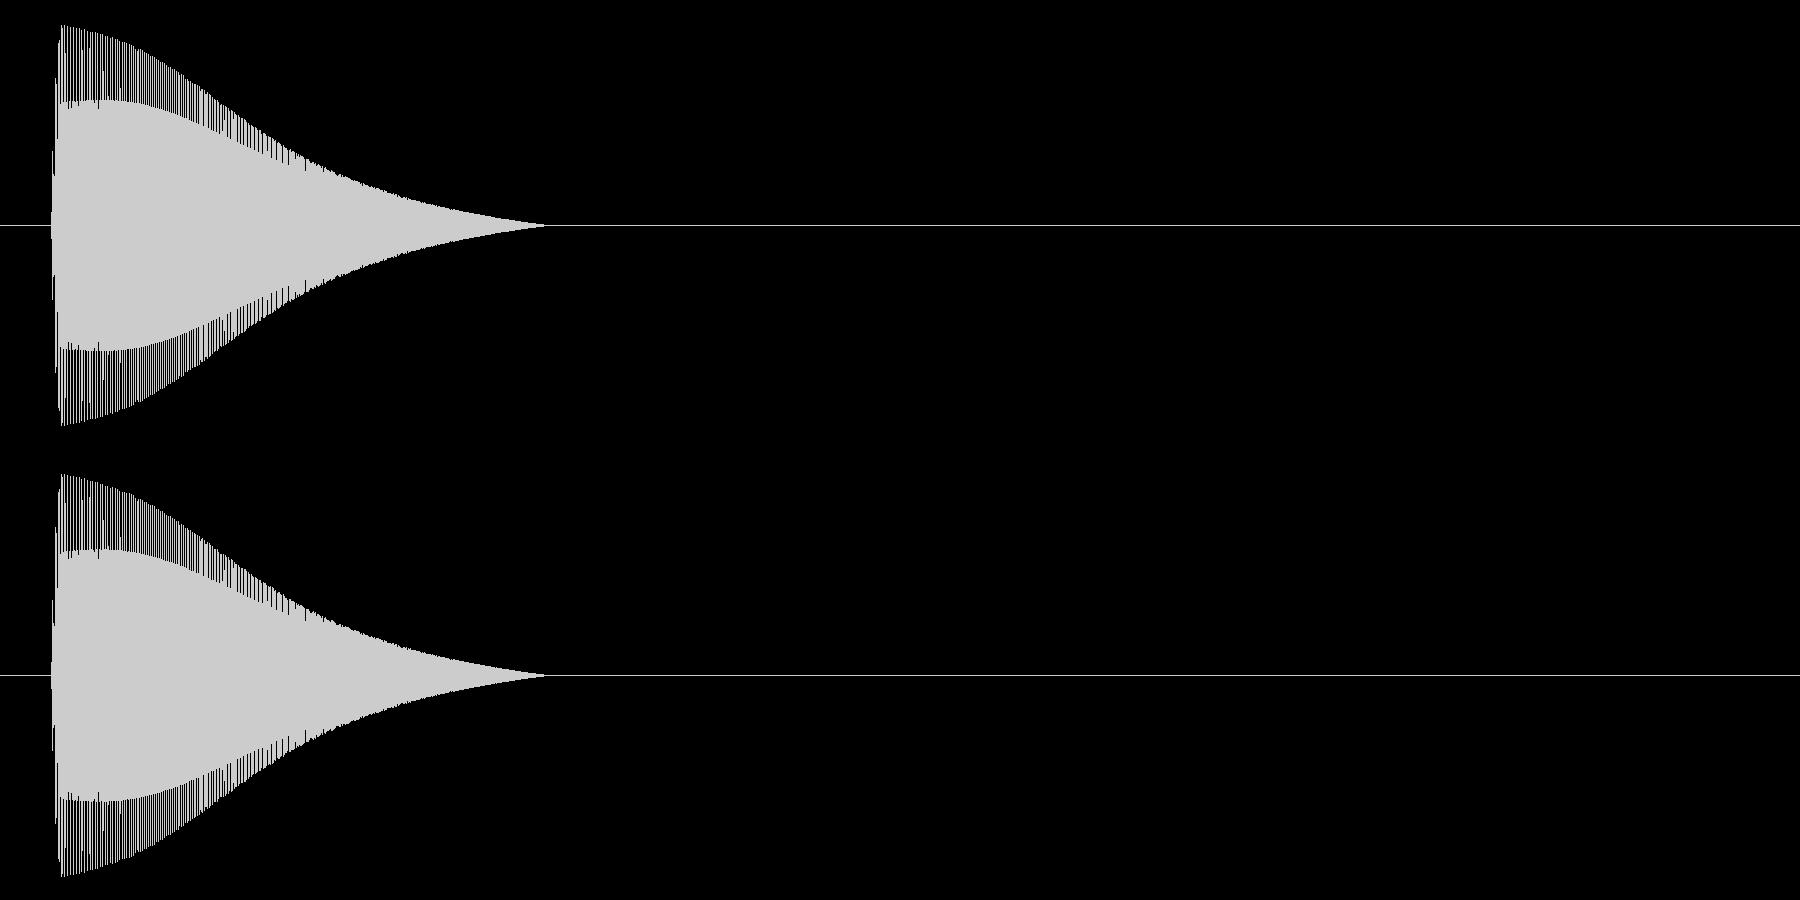 ポイッ↑/ジャンプ/コミカル/デフォルメの未再生の波形